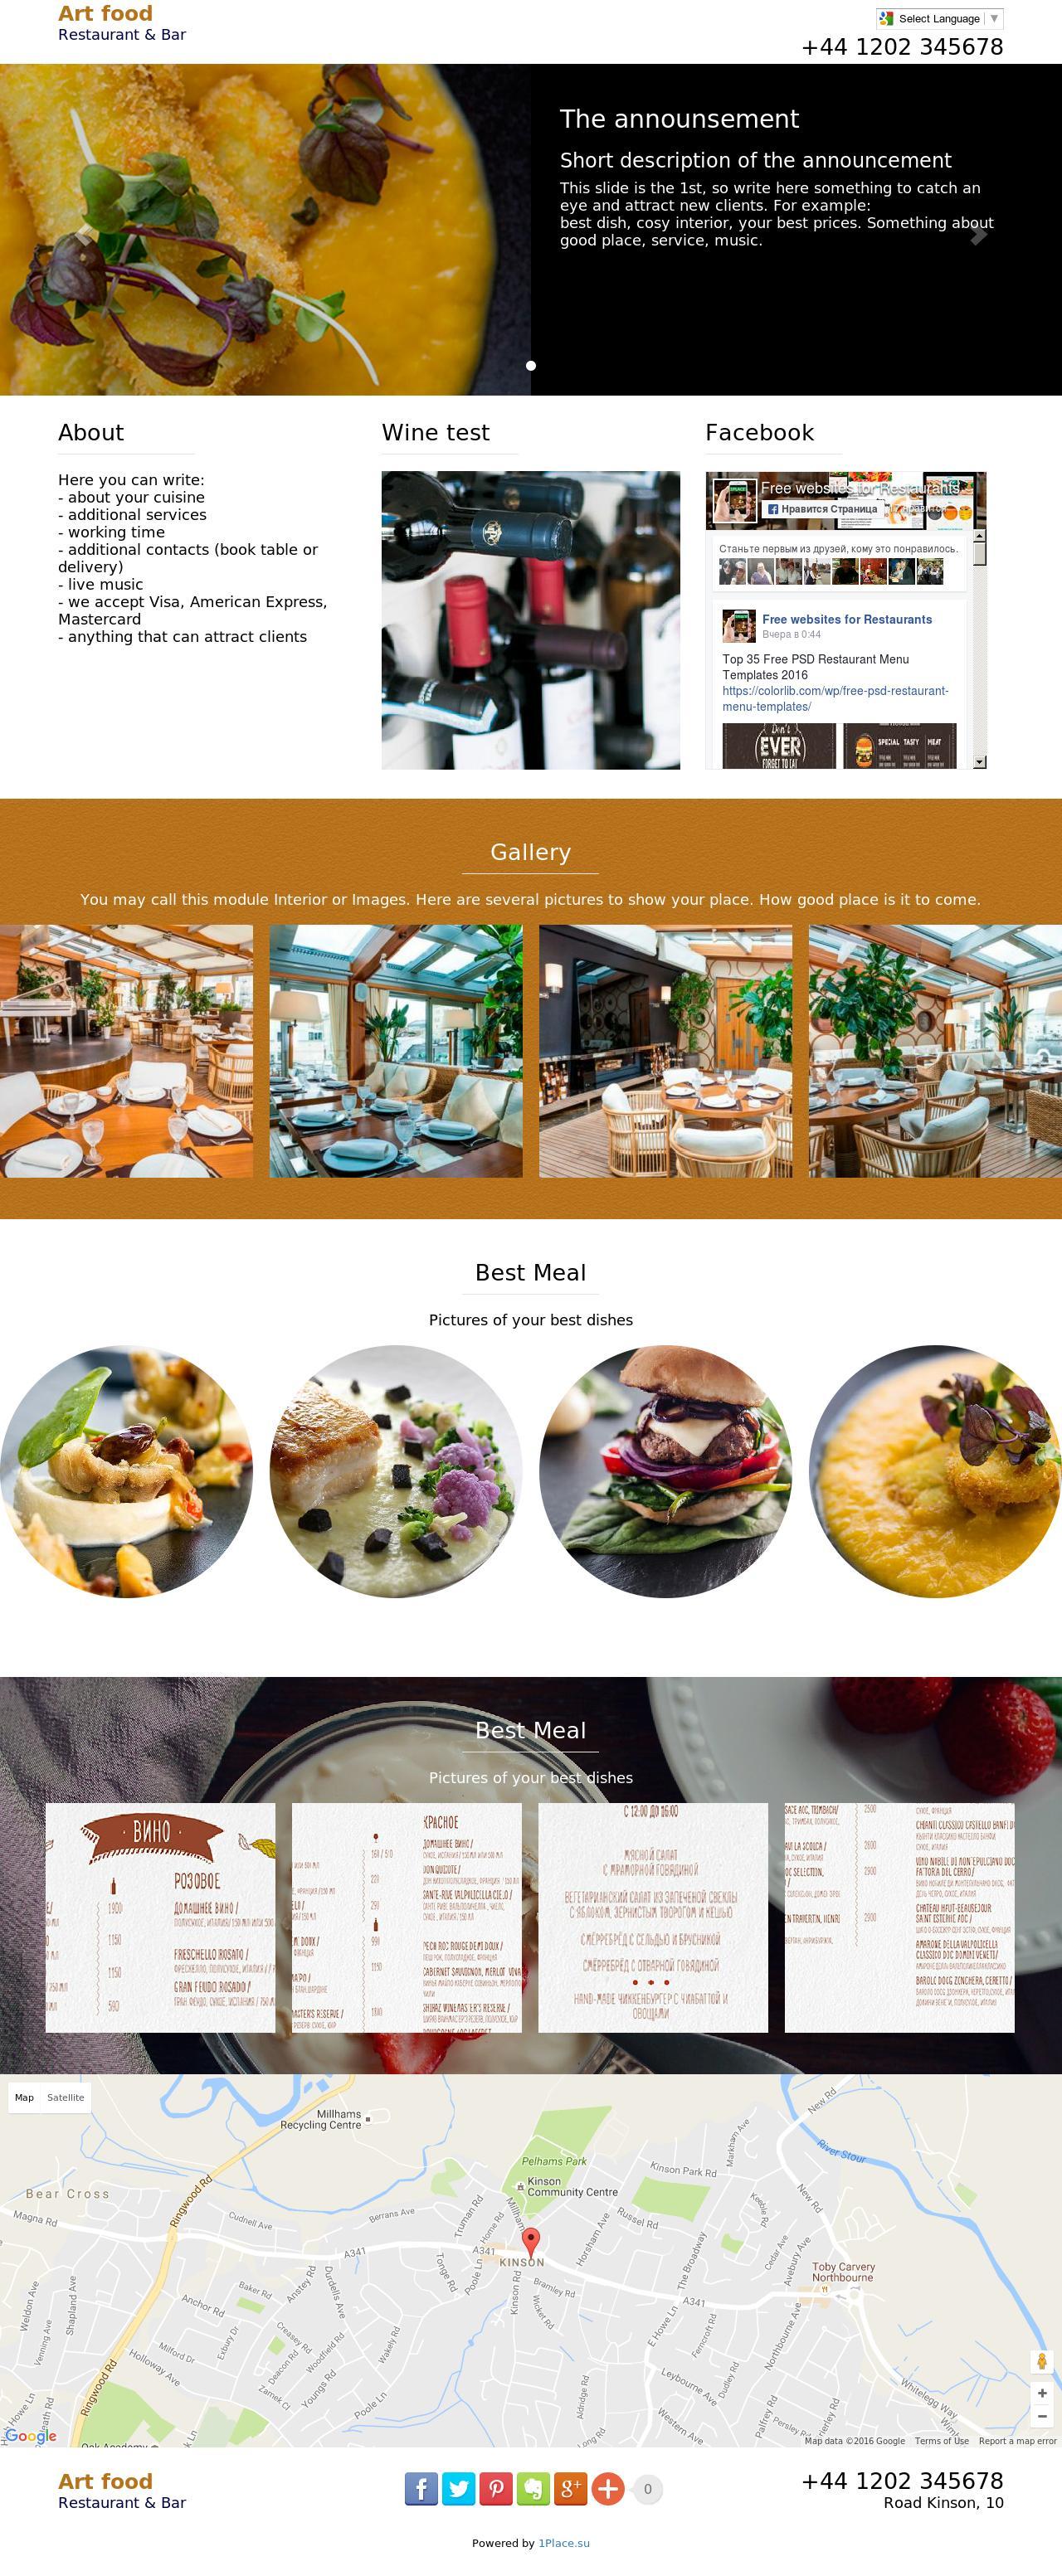 Template of a restaurant website